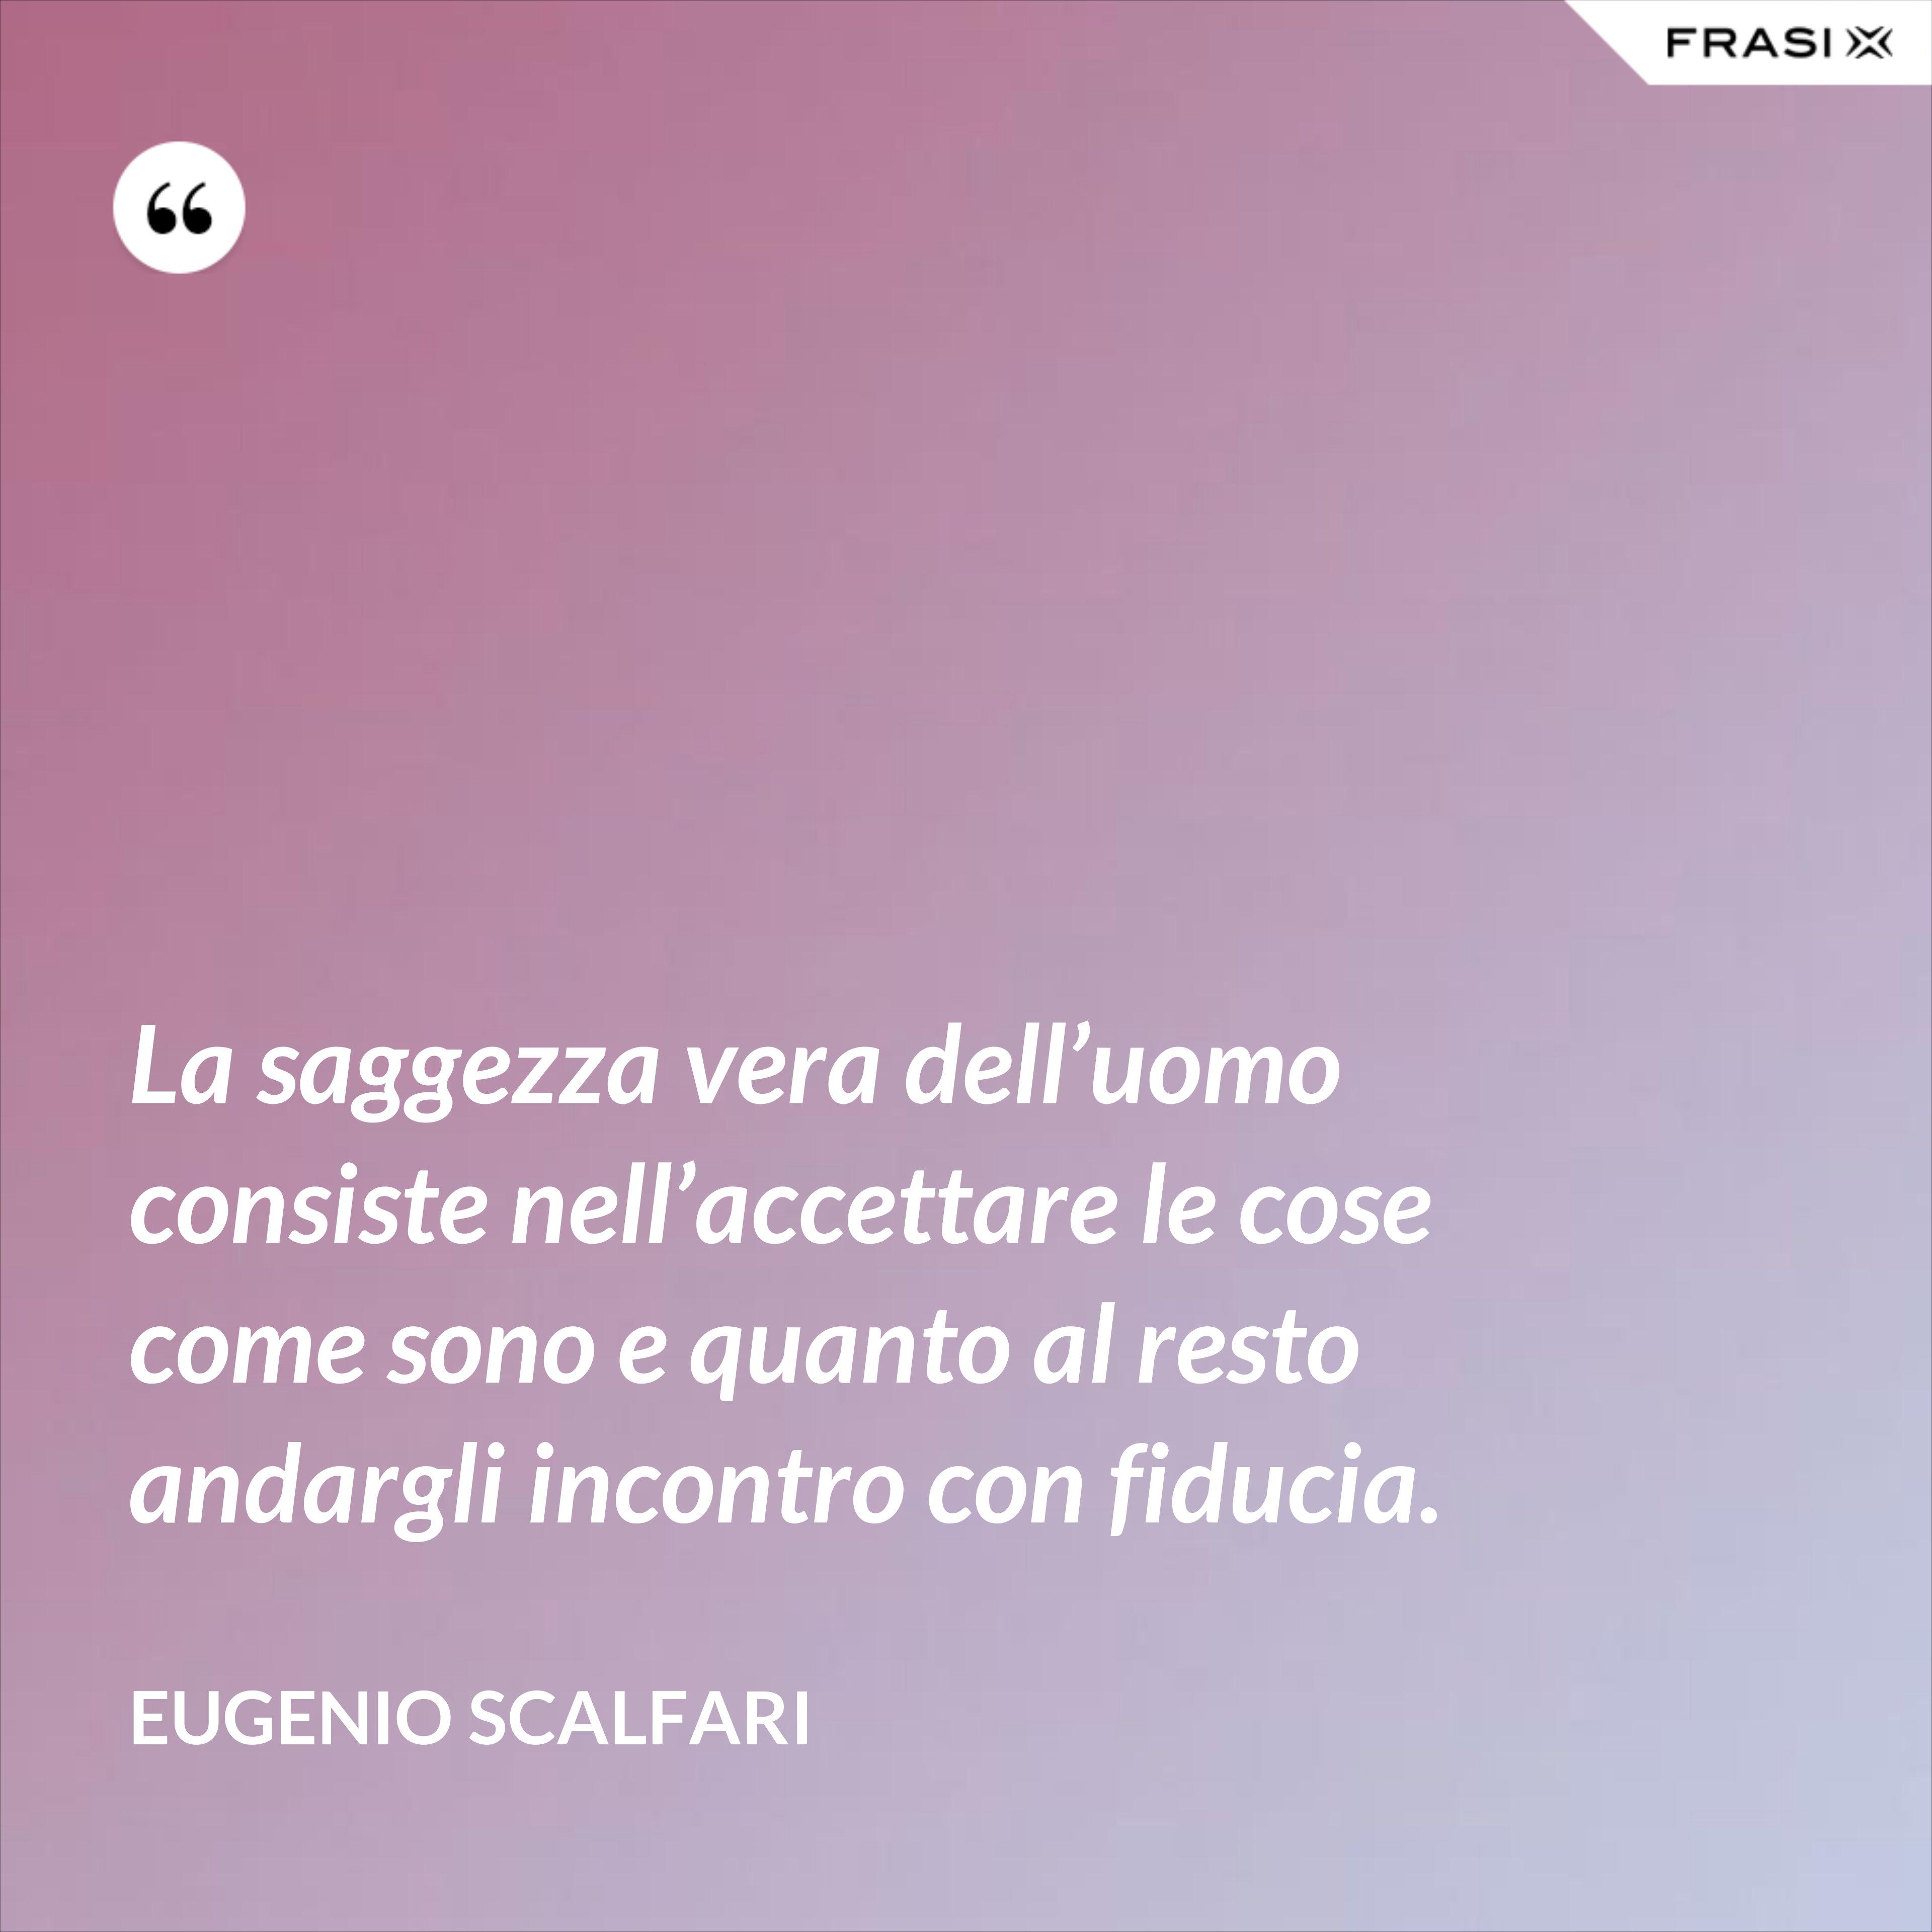 La saggezza vera dell'uomo consiste nell'accettare le cose come sono e quanto al resto andargli incontro con fiducia. - Eugenio Scalfari